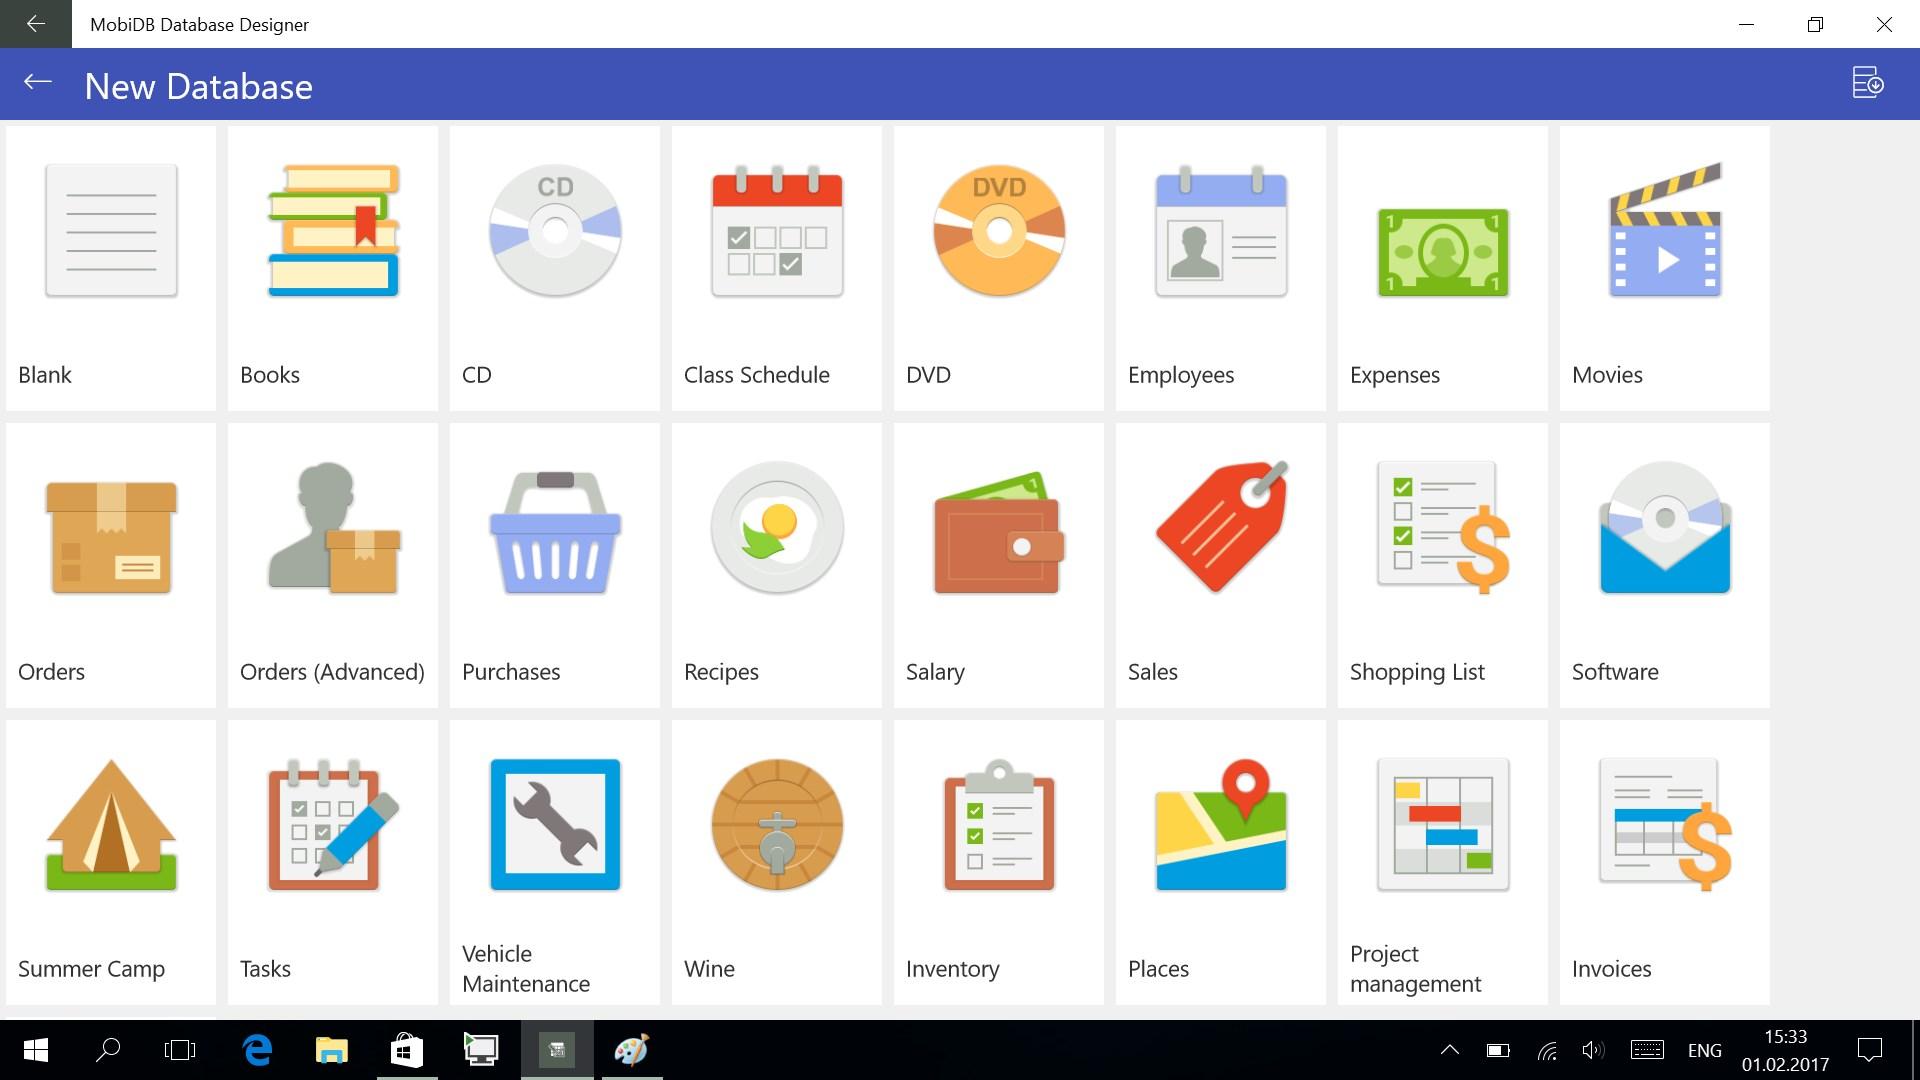 MobiDB Database Designer for Windows 10 Mobile